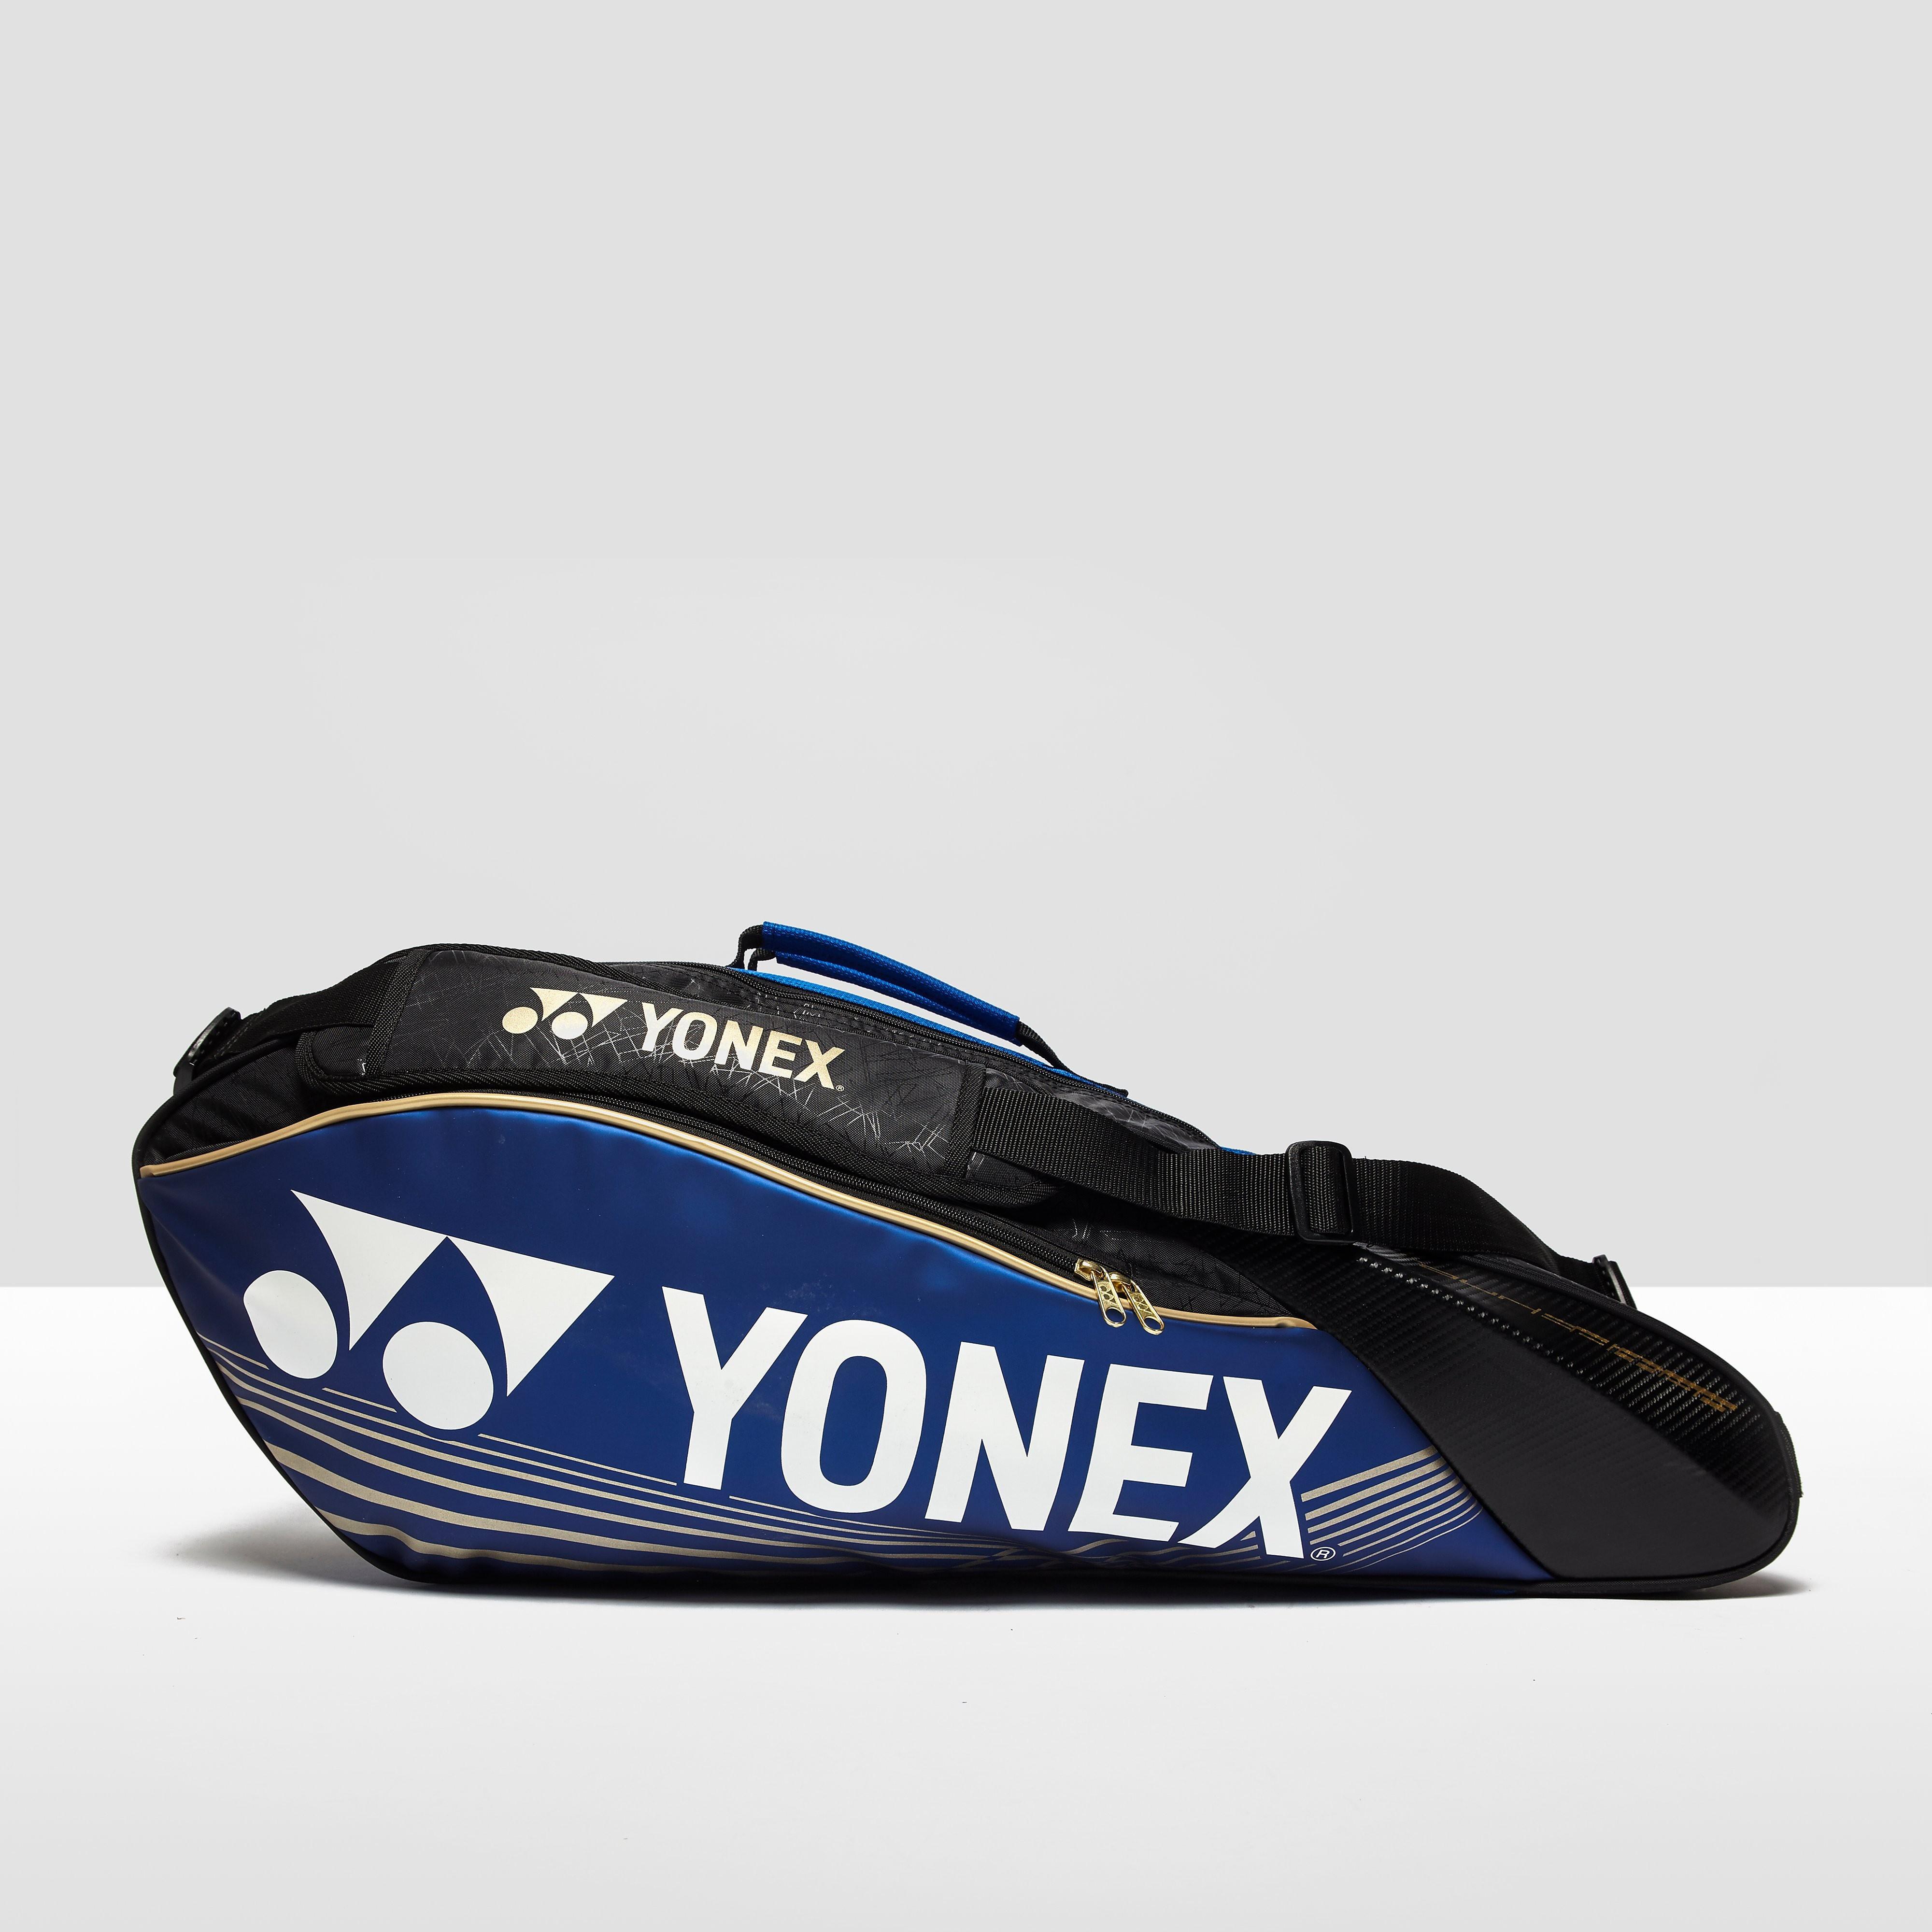 Yonex Yonex 9626 Pro 6 Racket Bag